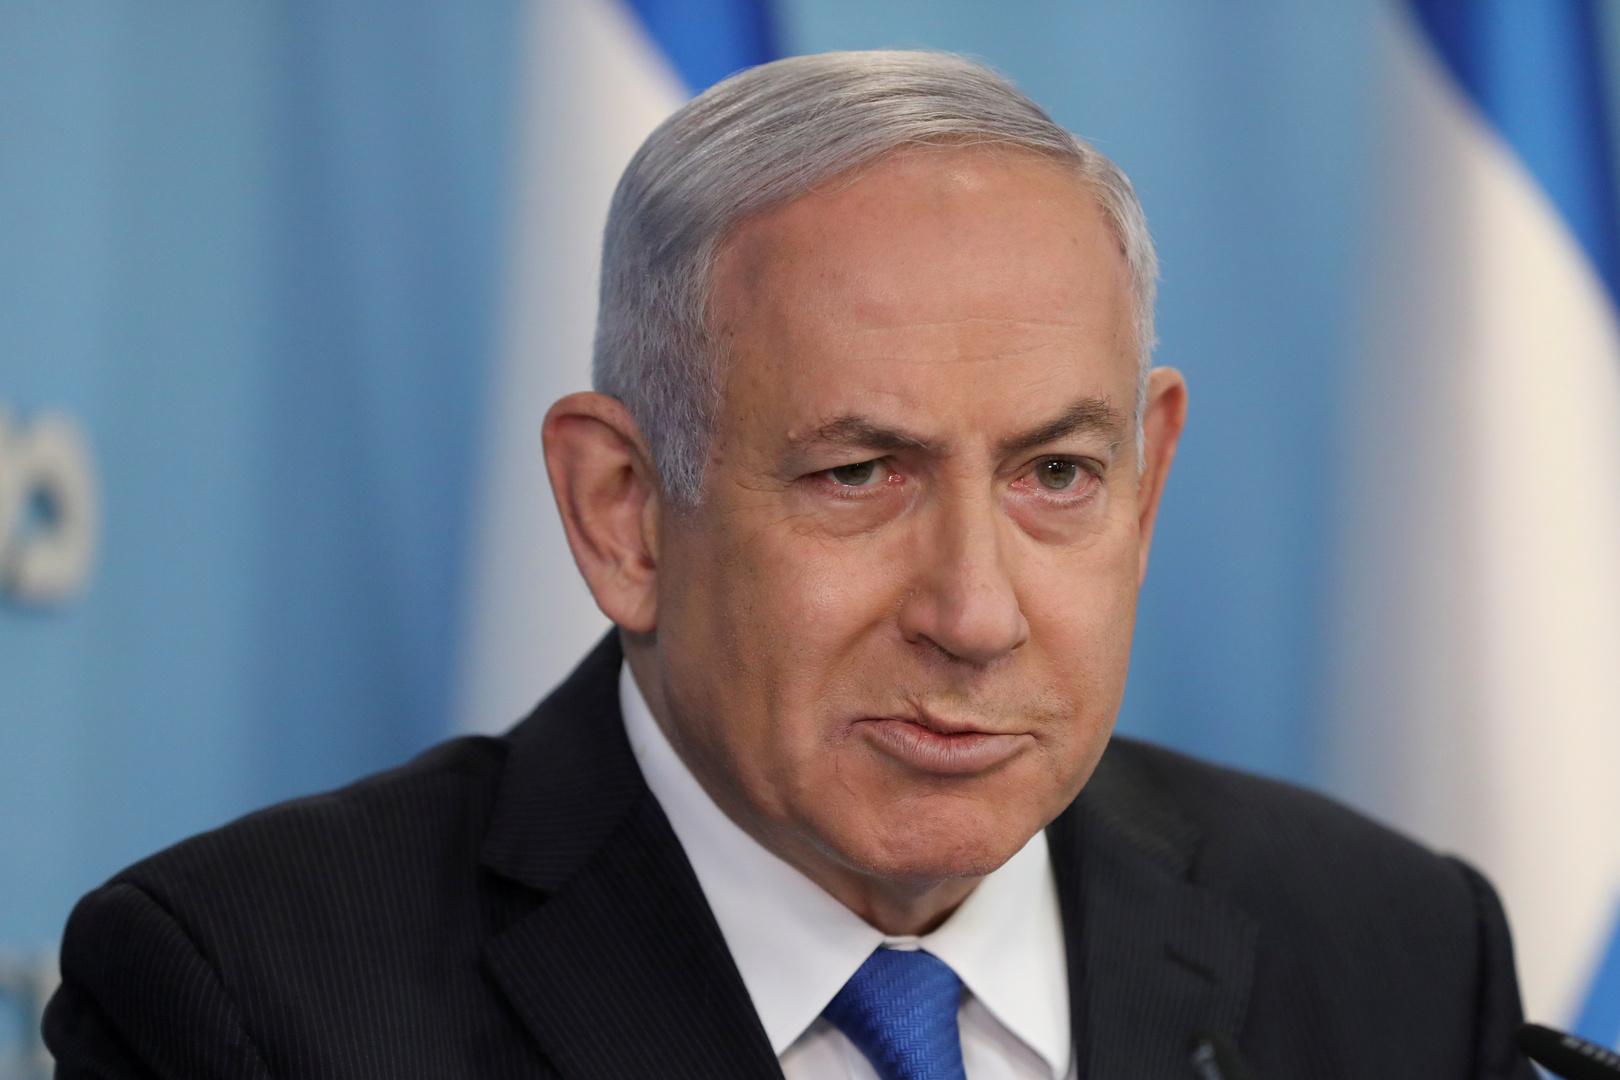 مكتب نتنياهو يربط تعرقل زيارته إلى الإمارات بإلغاء زيارة ولي العهد الأردني إلى الحرم القدسي